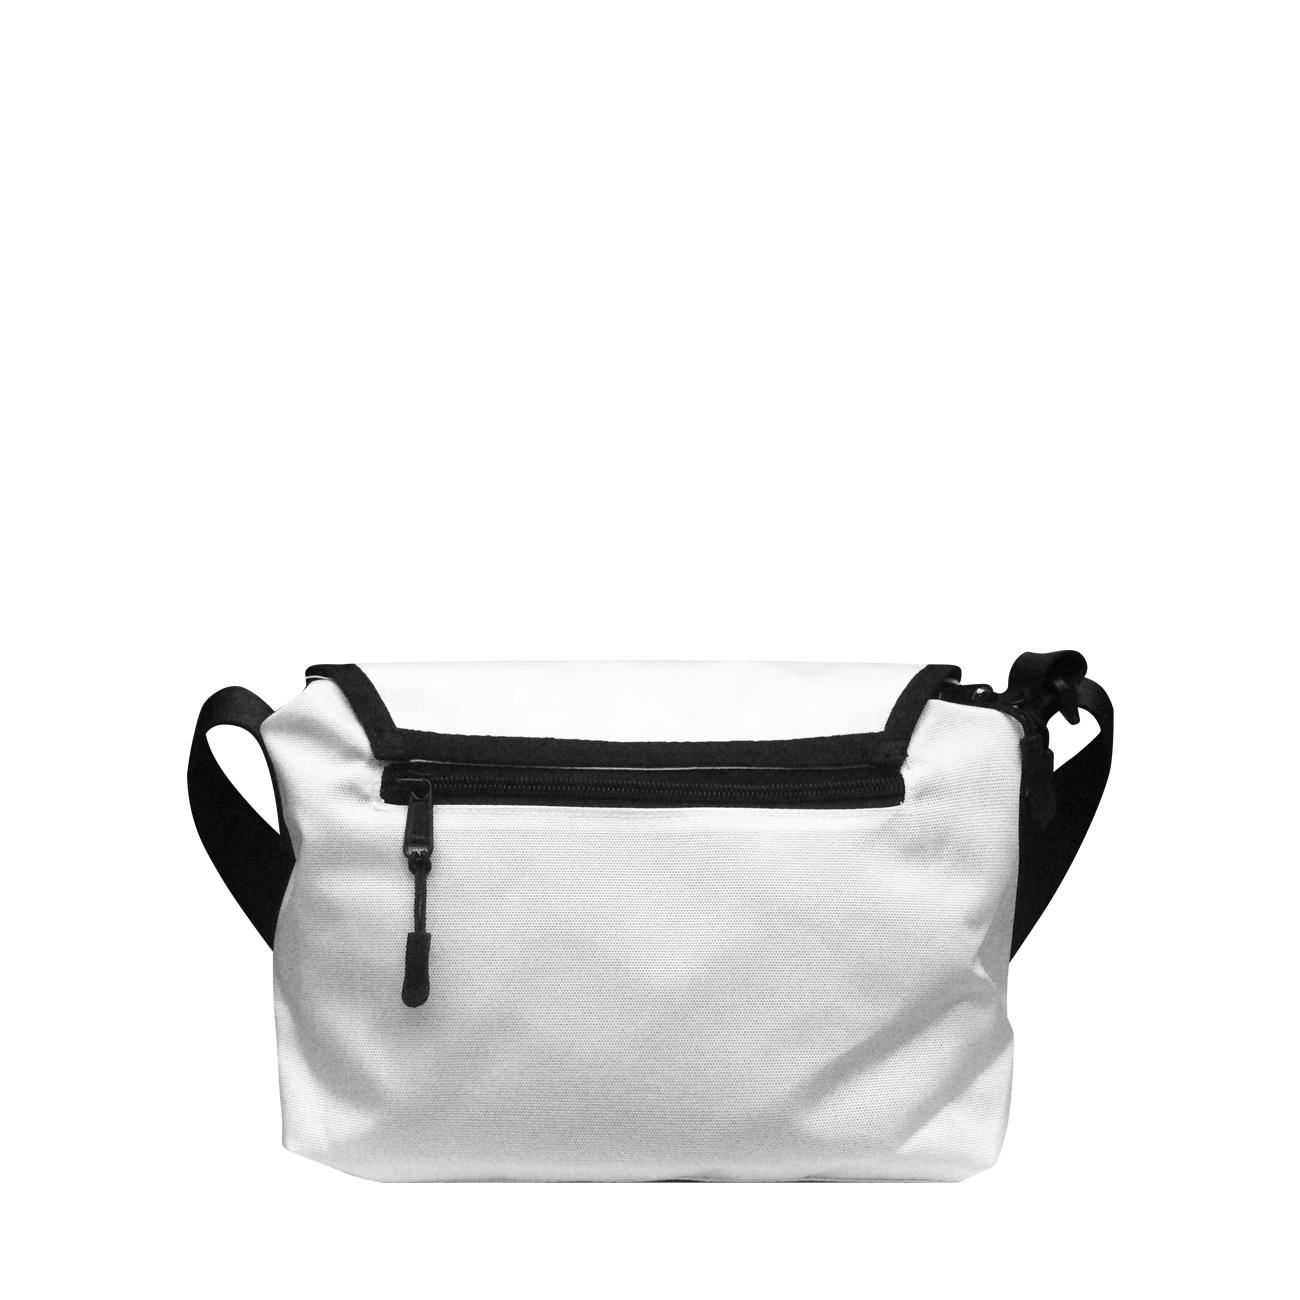 Dirtycoins Messenger Bags (3 phối màu)